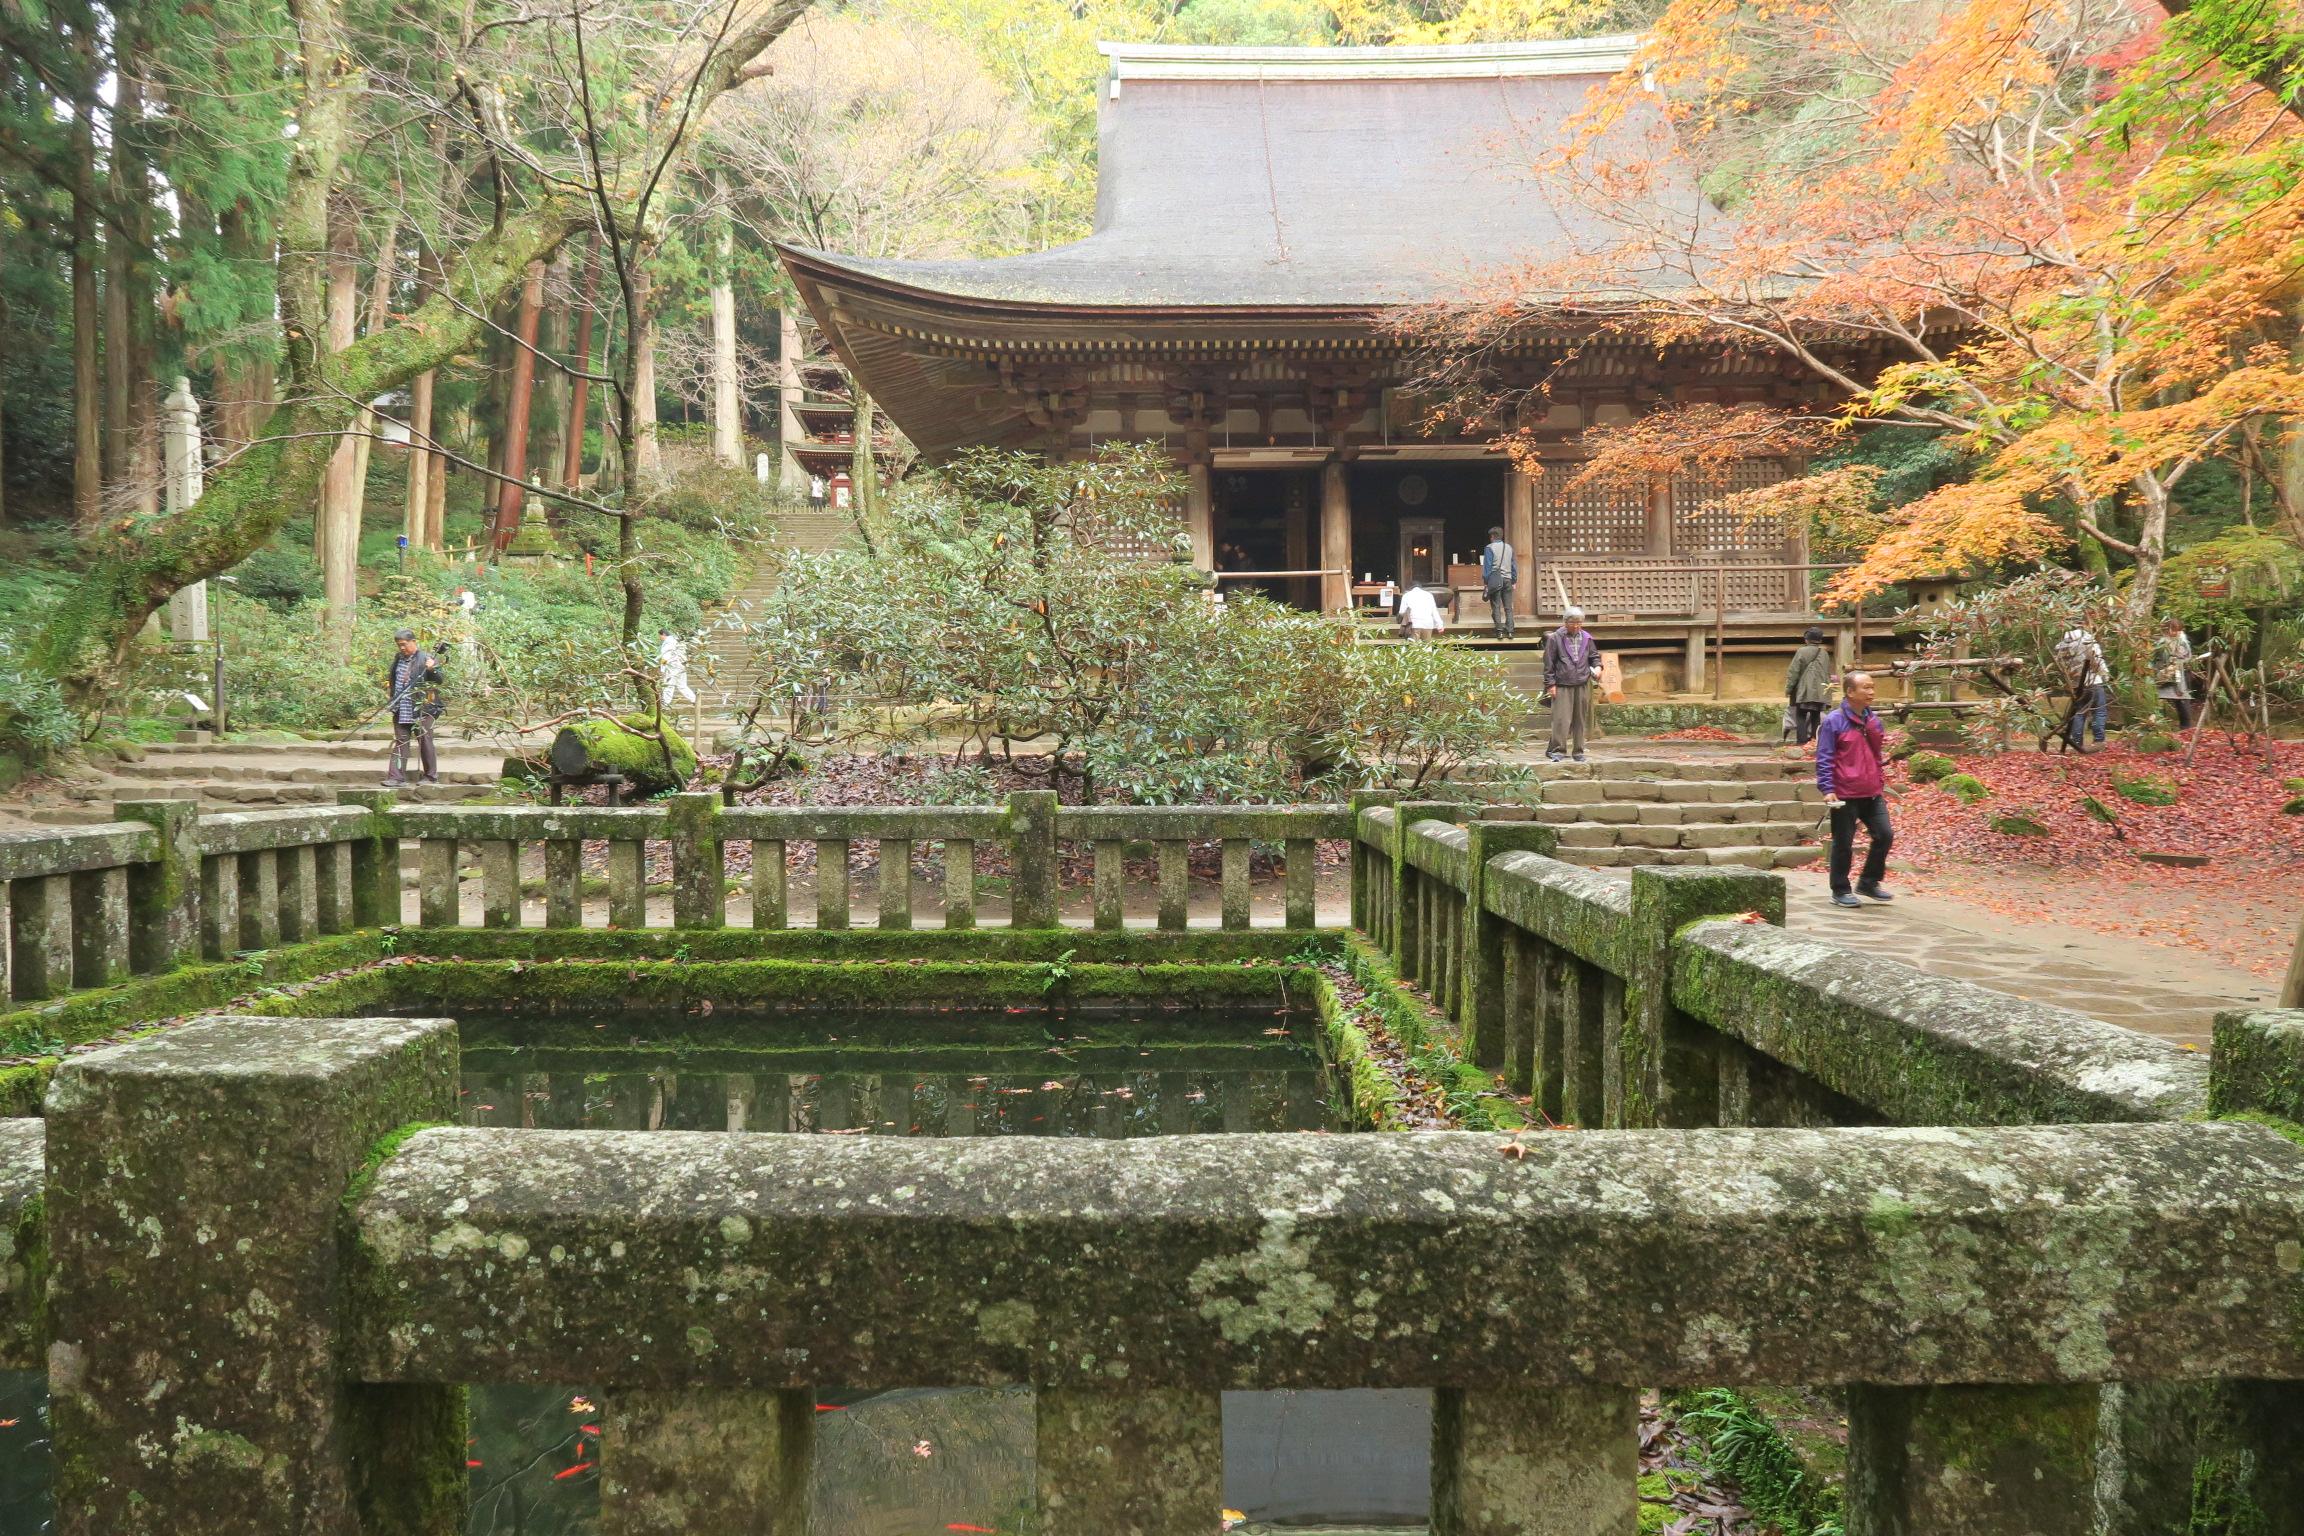 仏様との縁結びの儀式が行われる本堂の潅頂堂(かんじょうどう)。